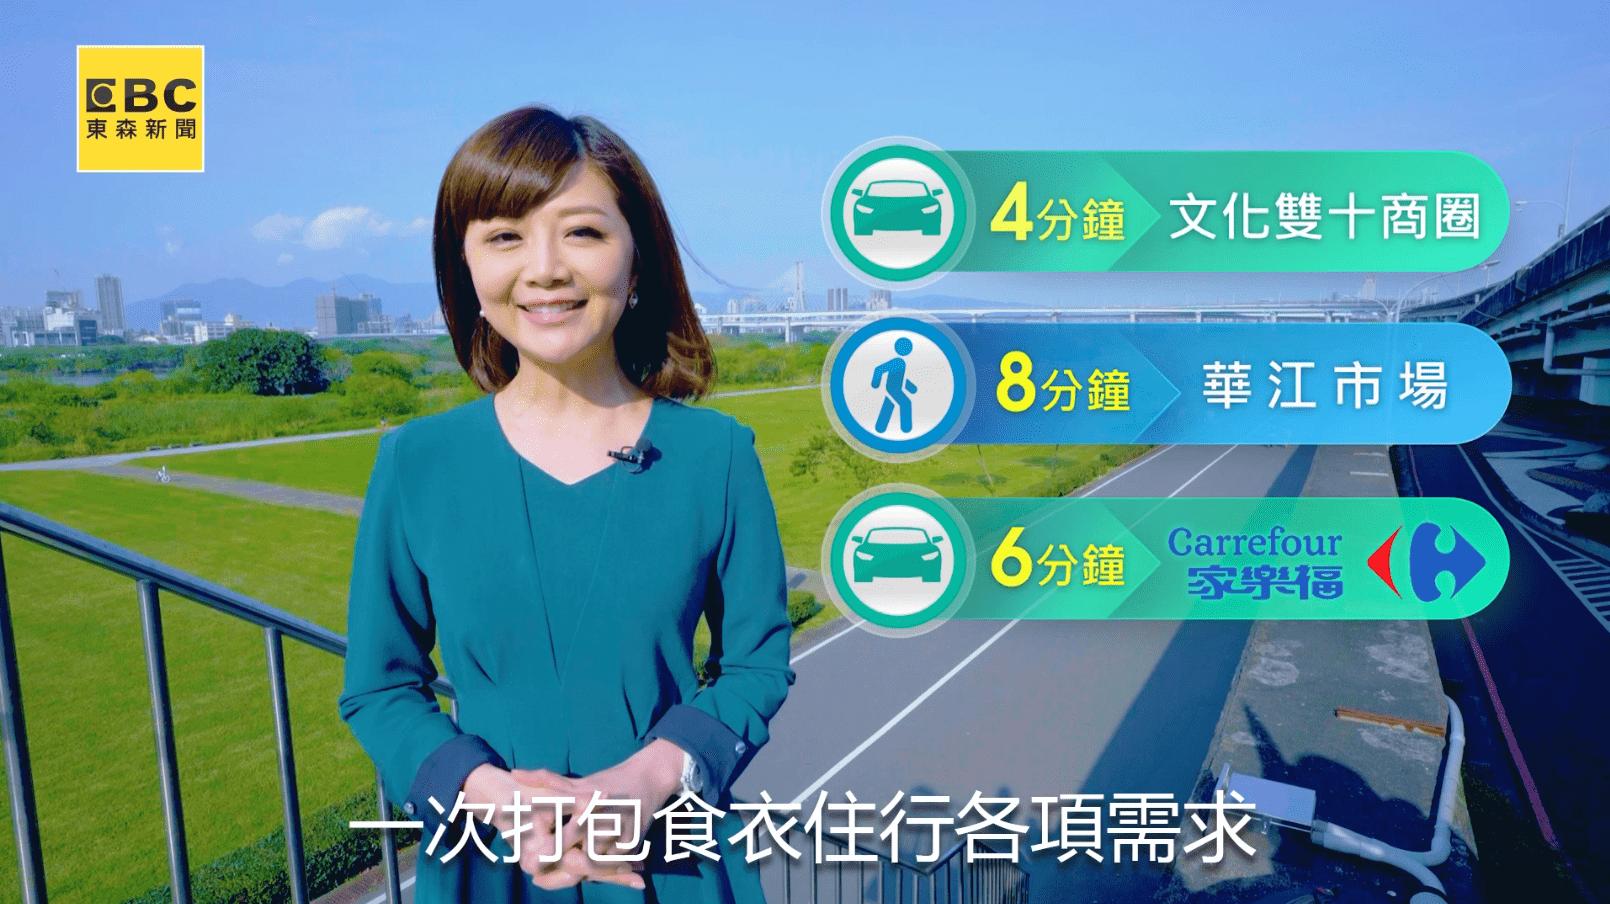 「江南STAR」周遭生活機能齊備